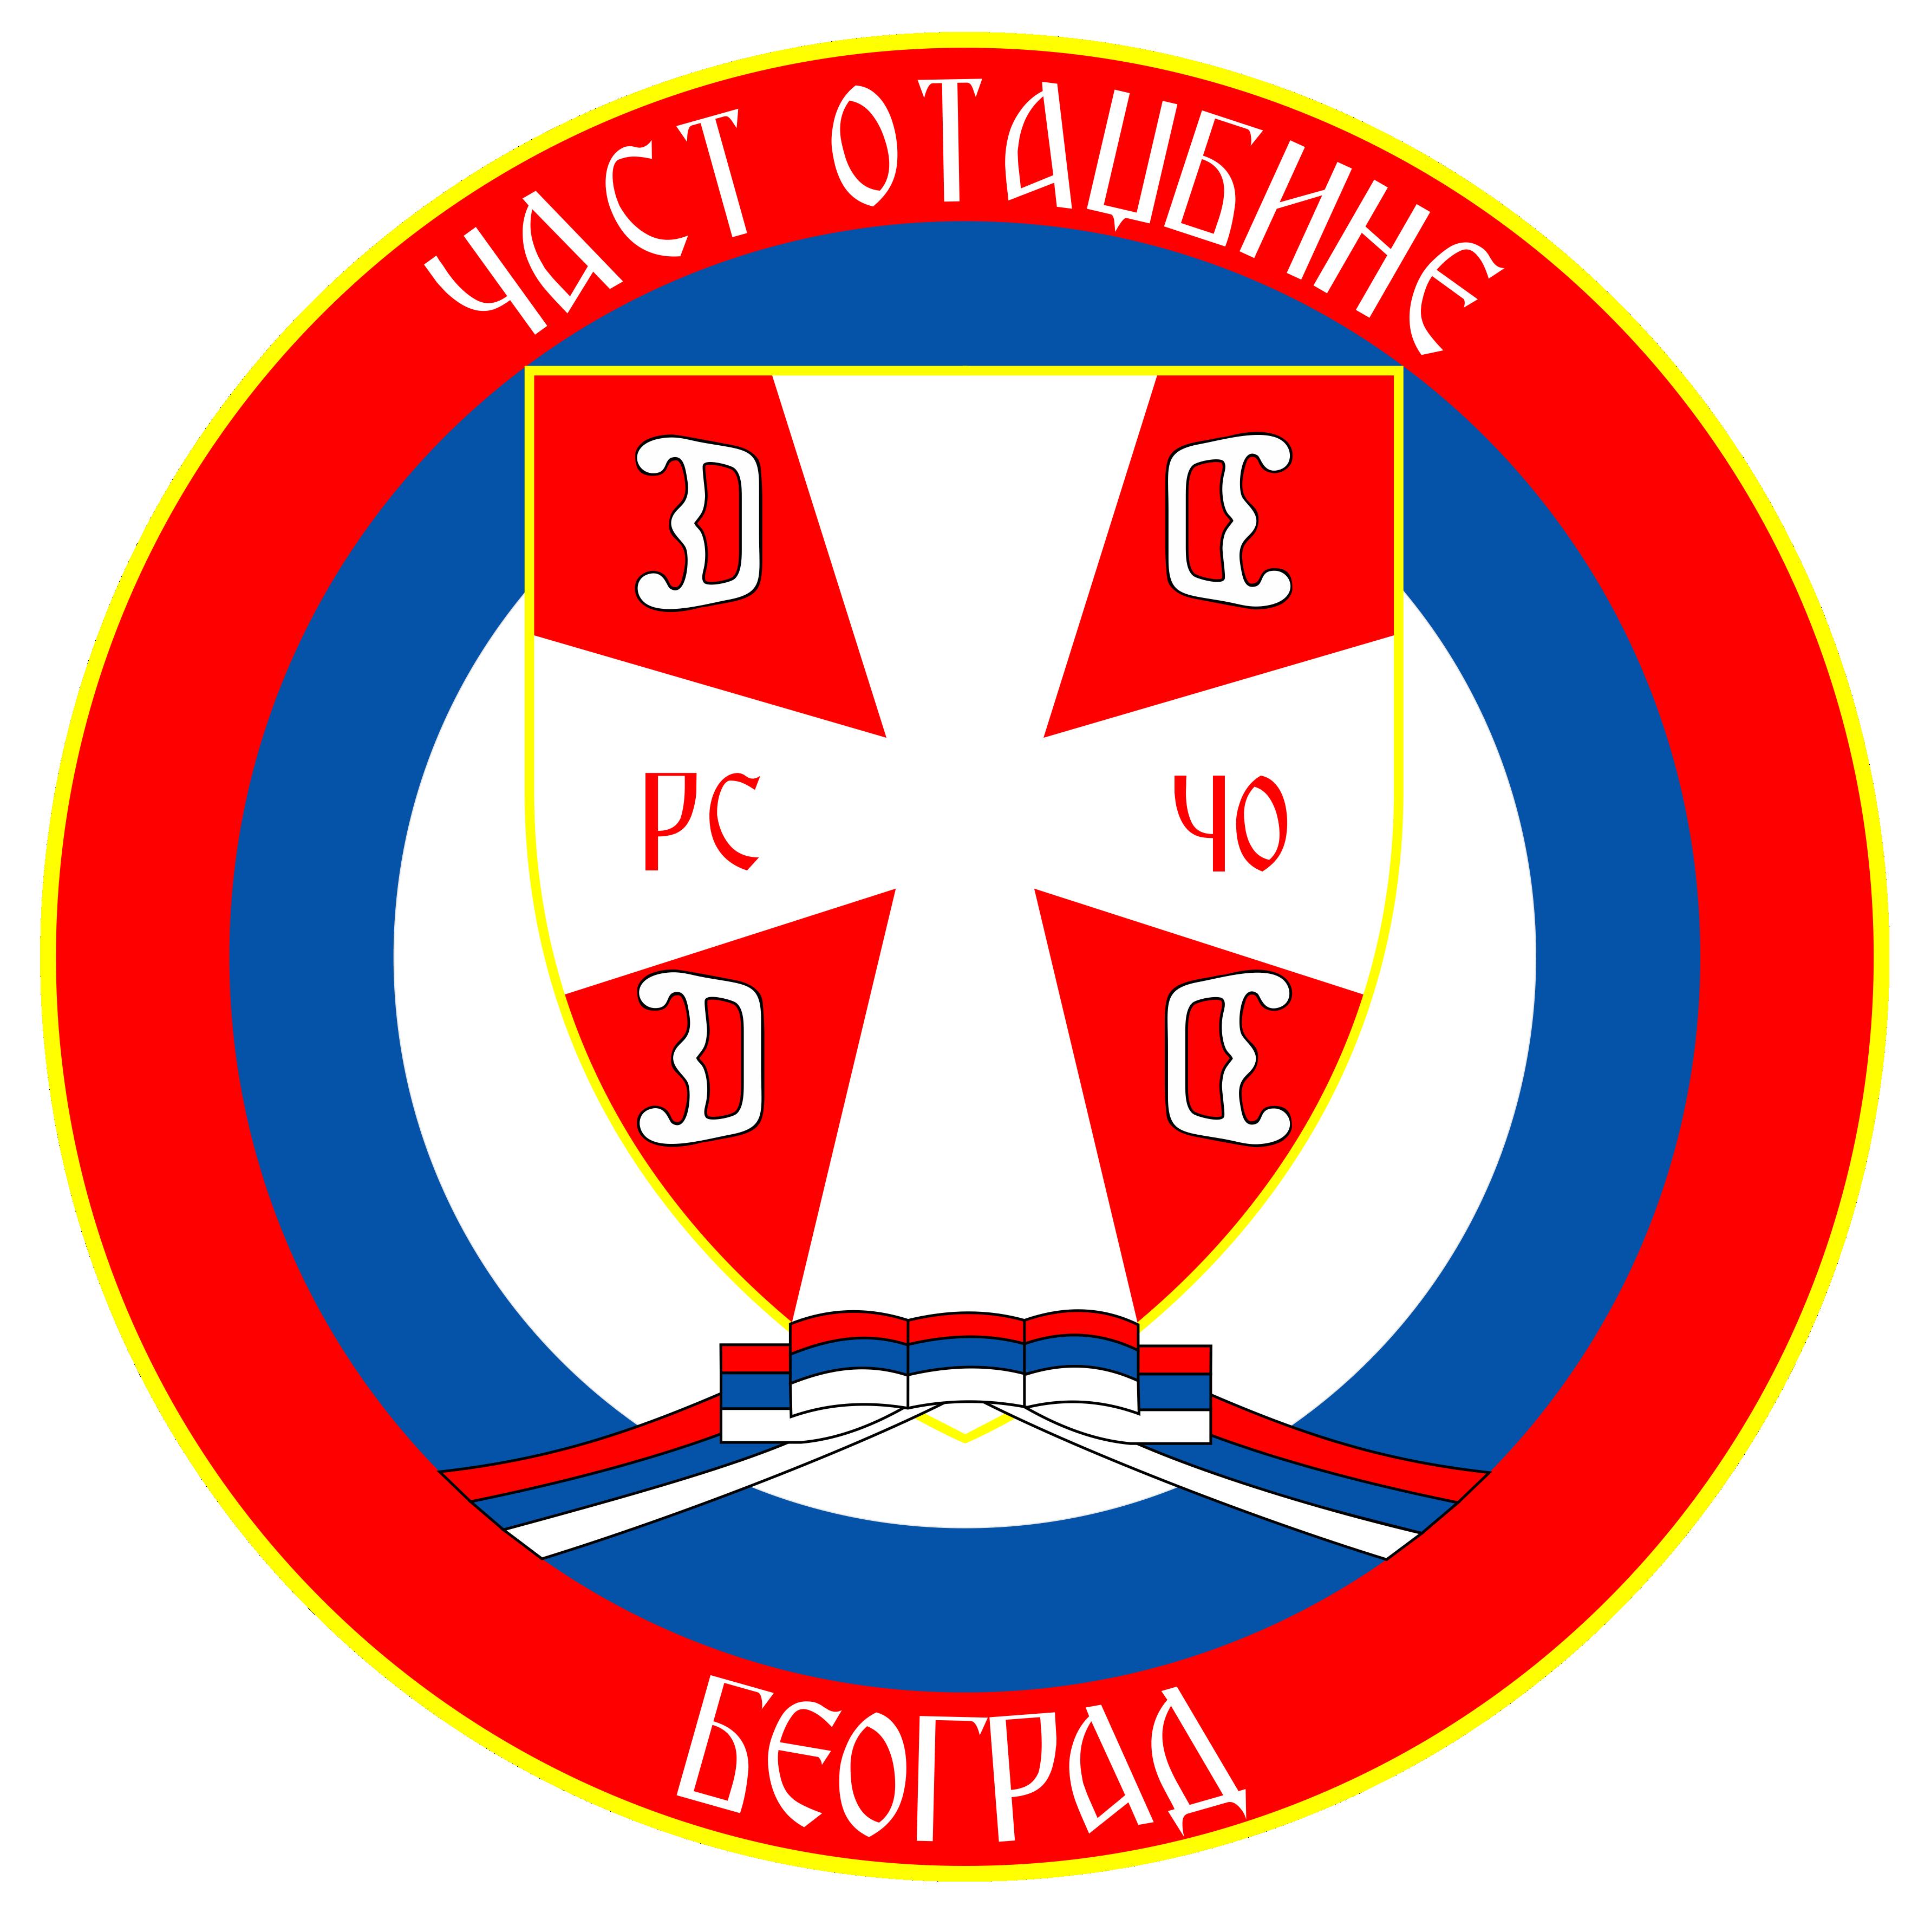 logo CAST OTAXBINE